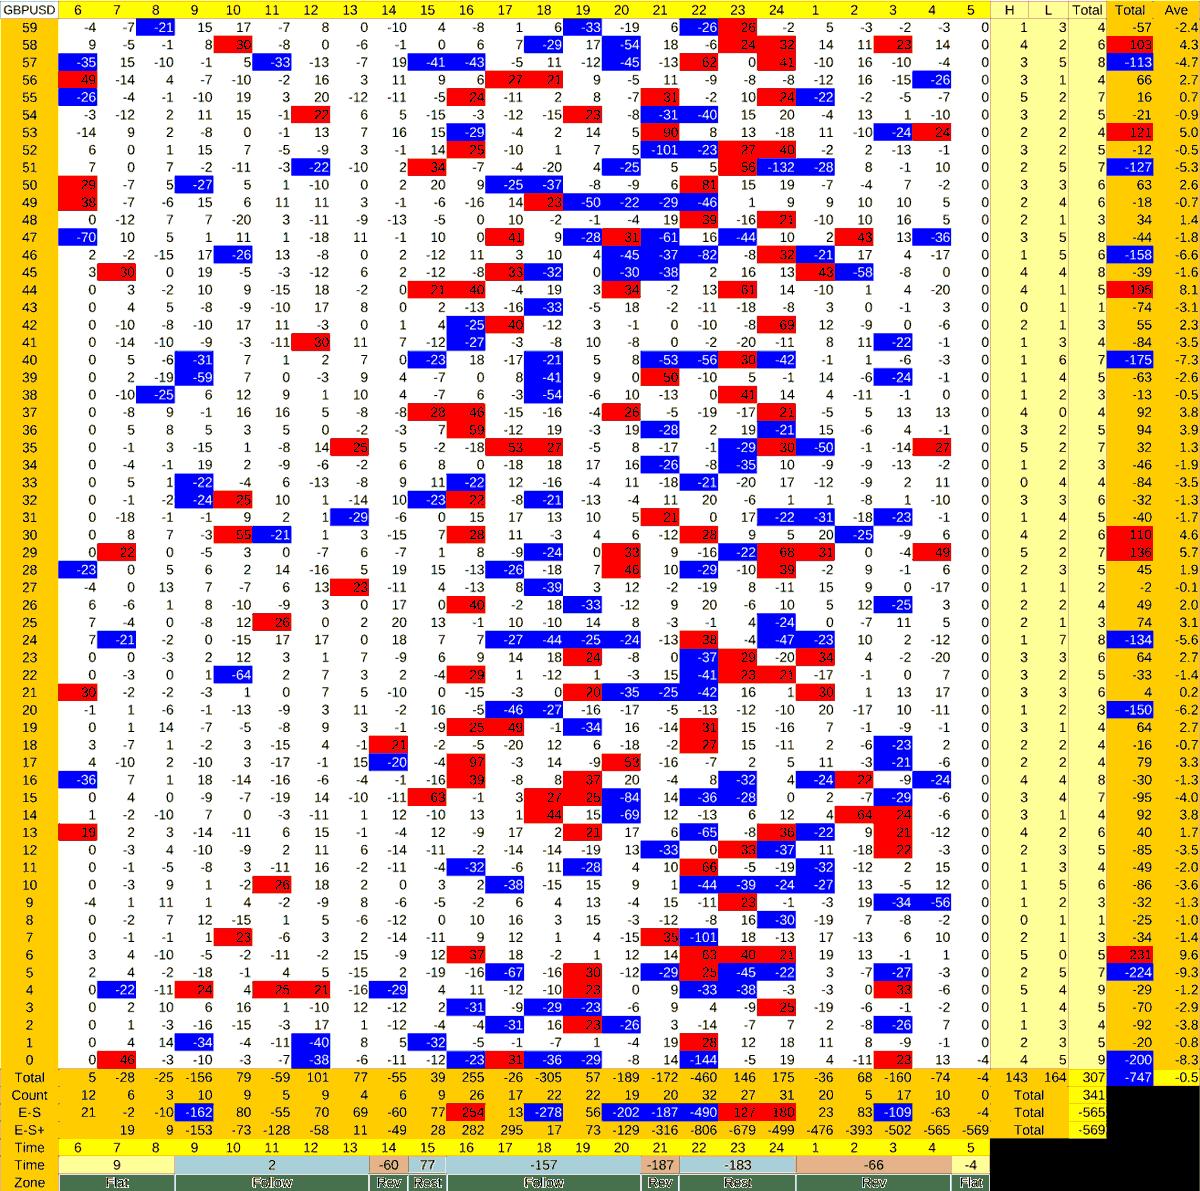 20210319_HS(2)GBPUSD-min